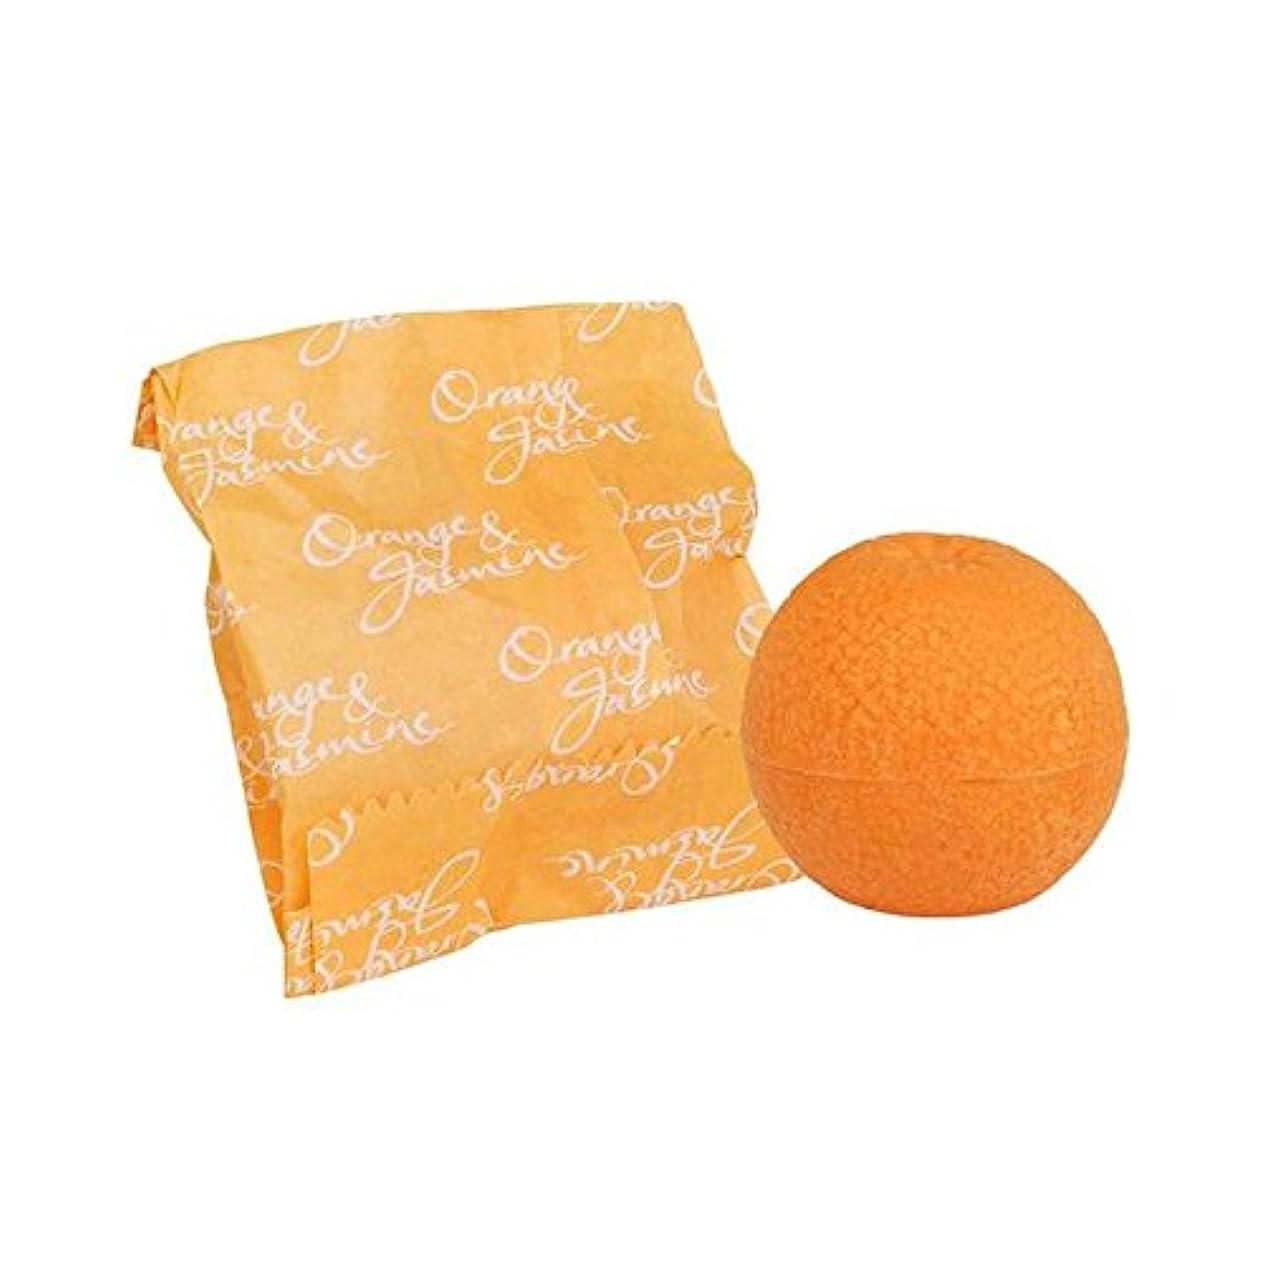 線形担当者神経障害Bronnley Orange & Jasmine Soap 100g - オレンジ&ジャスミン石鹸100グラム [並行輸入品]